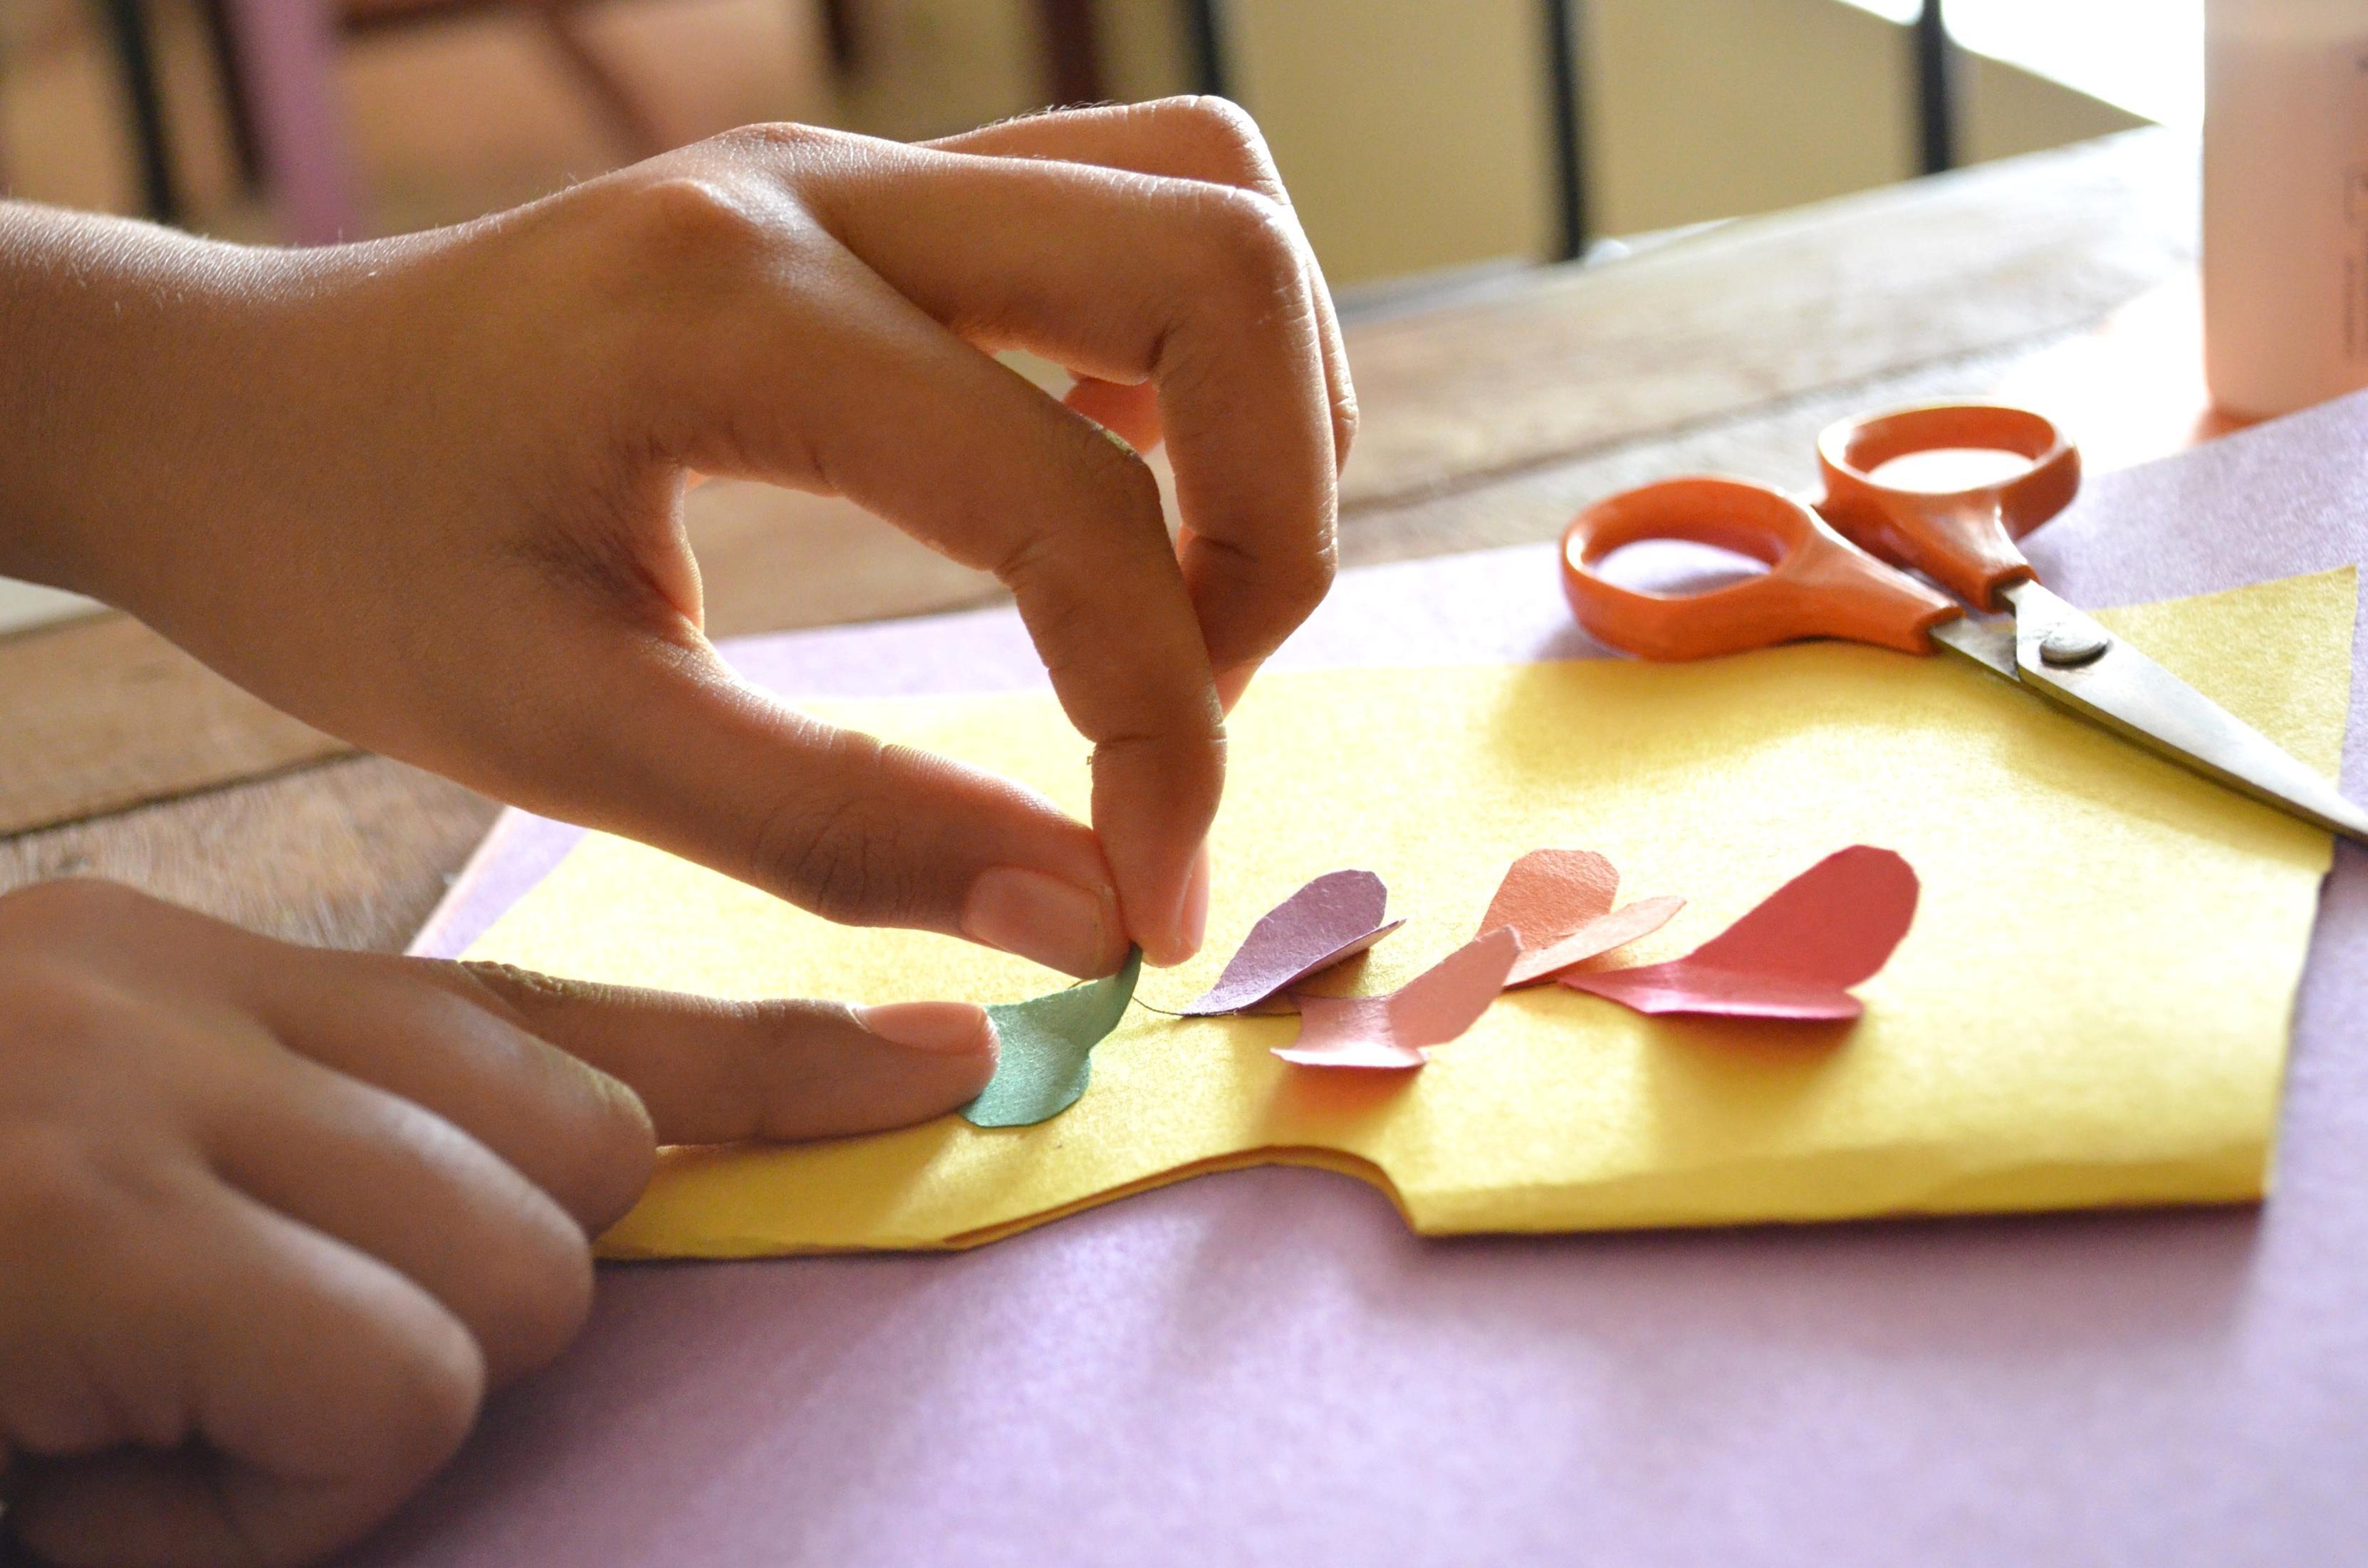 Kostenlose Bild: Hand, finger, herz, kunst, dekoration, schere